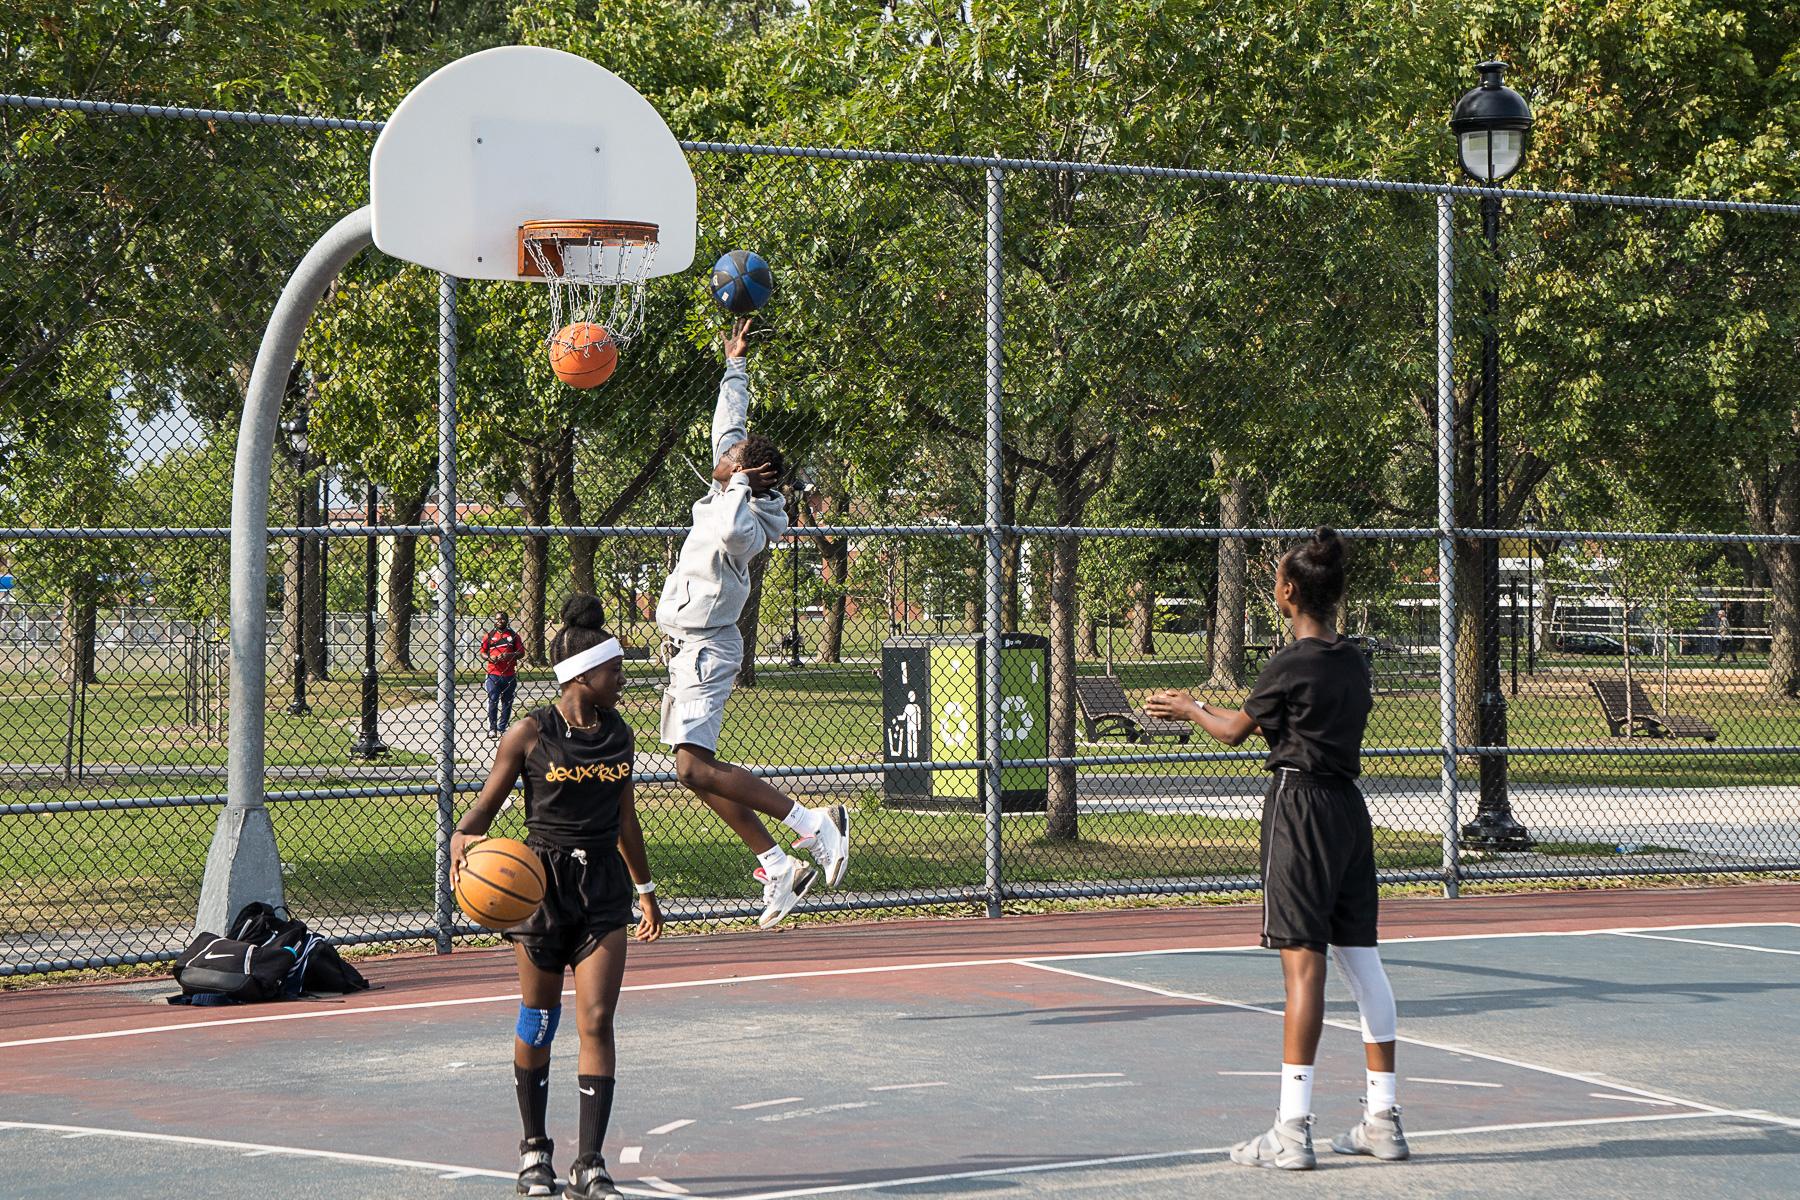 Sol Terrain De Basket bientôt un terrain de basketball au parc daniel-johnson